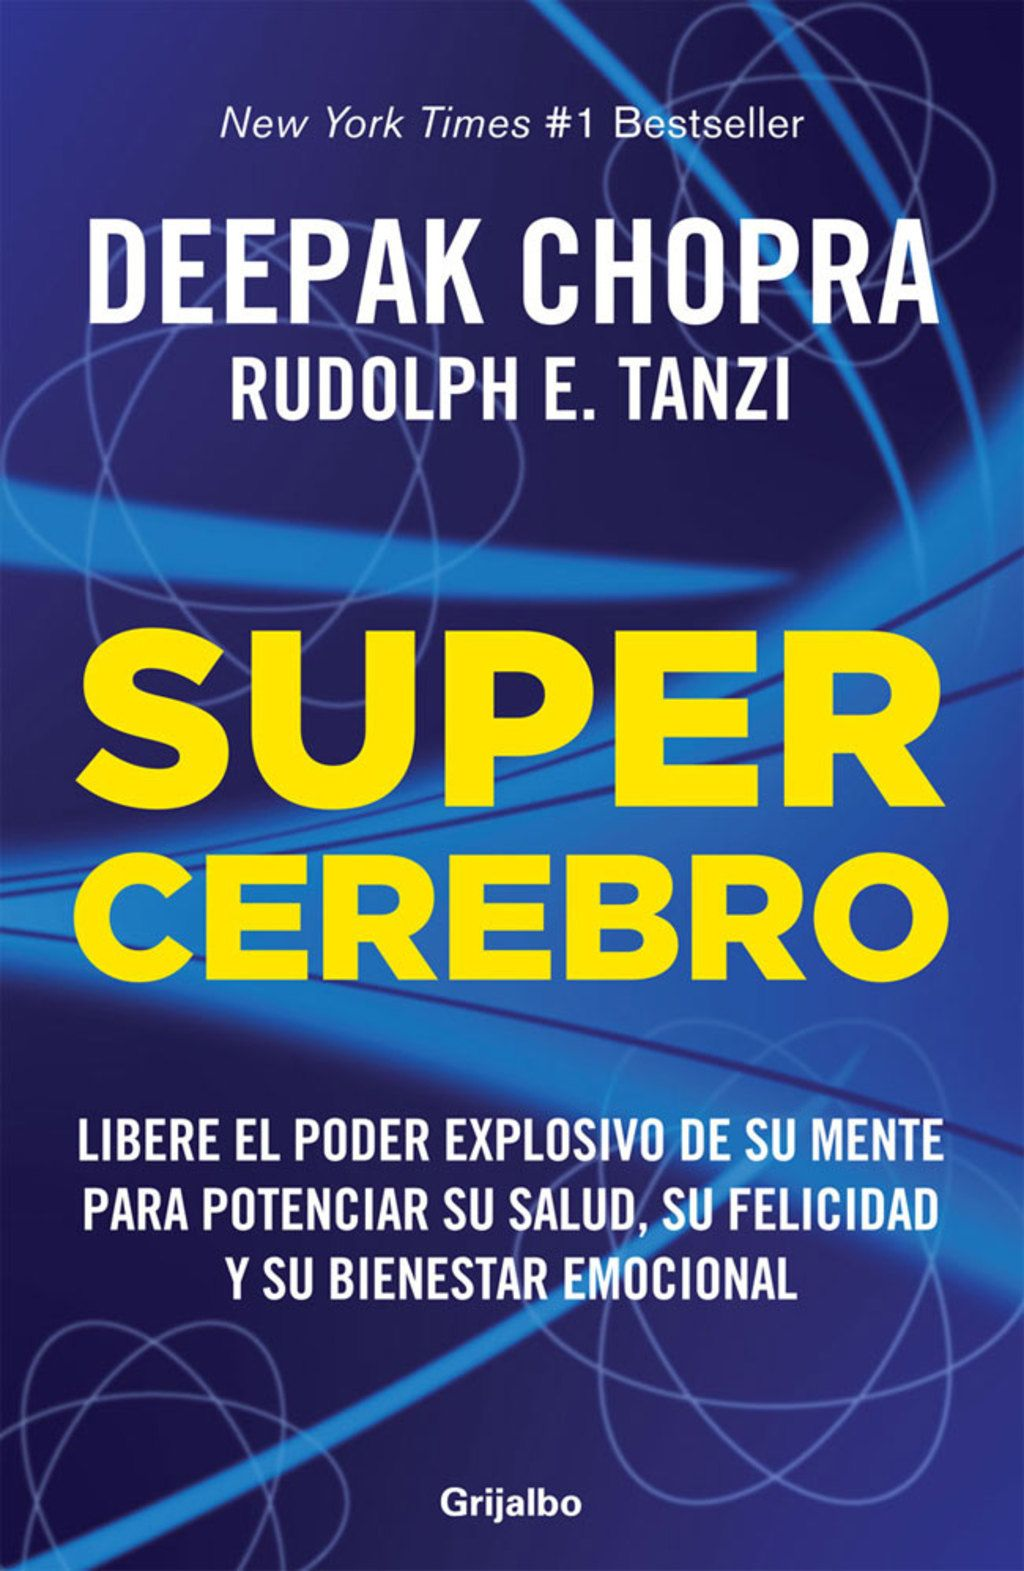 Supercerebro Ebook Deepak Chopra Books Book Addict Book